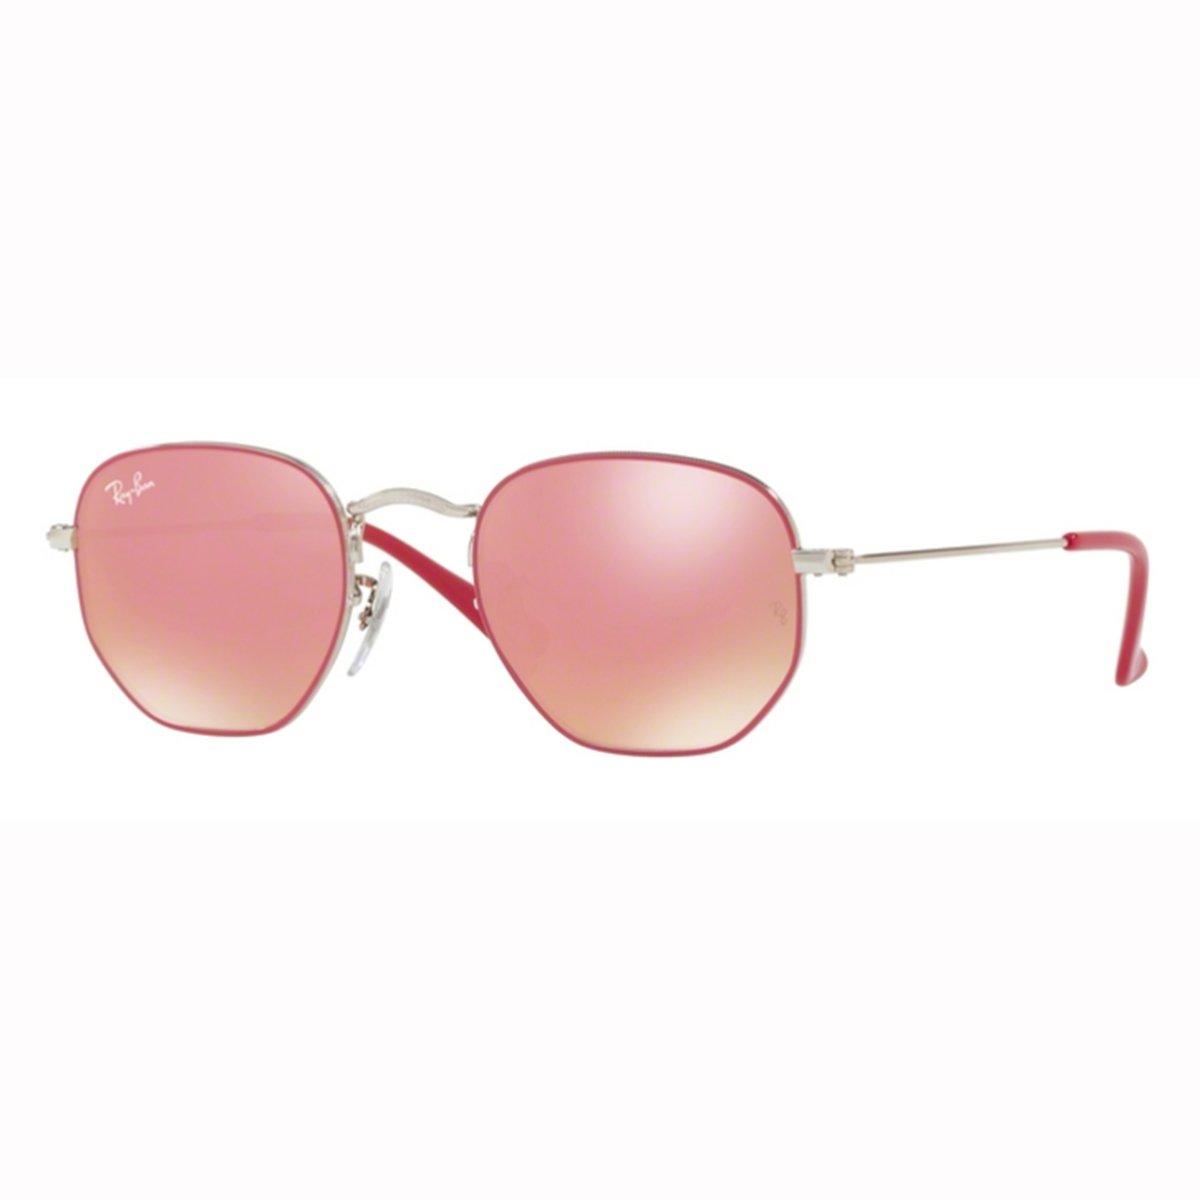 Compre Óculos de Sol Ray Ban Hexagonal Infantil em 10X   Tri-Jóia Shop 2ac2c7f057